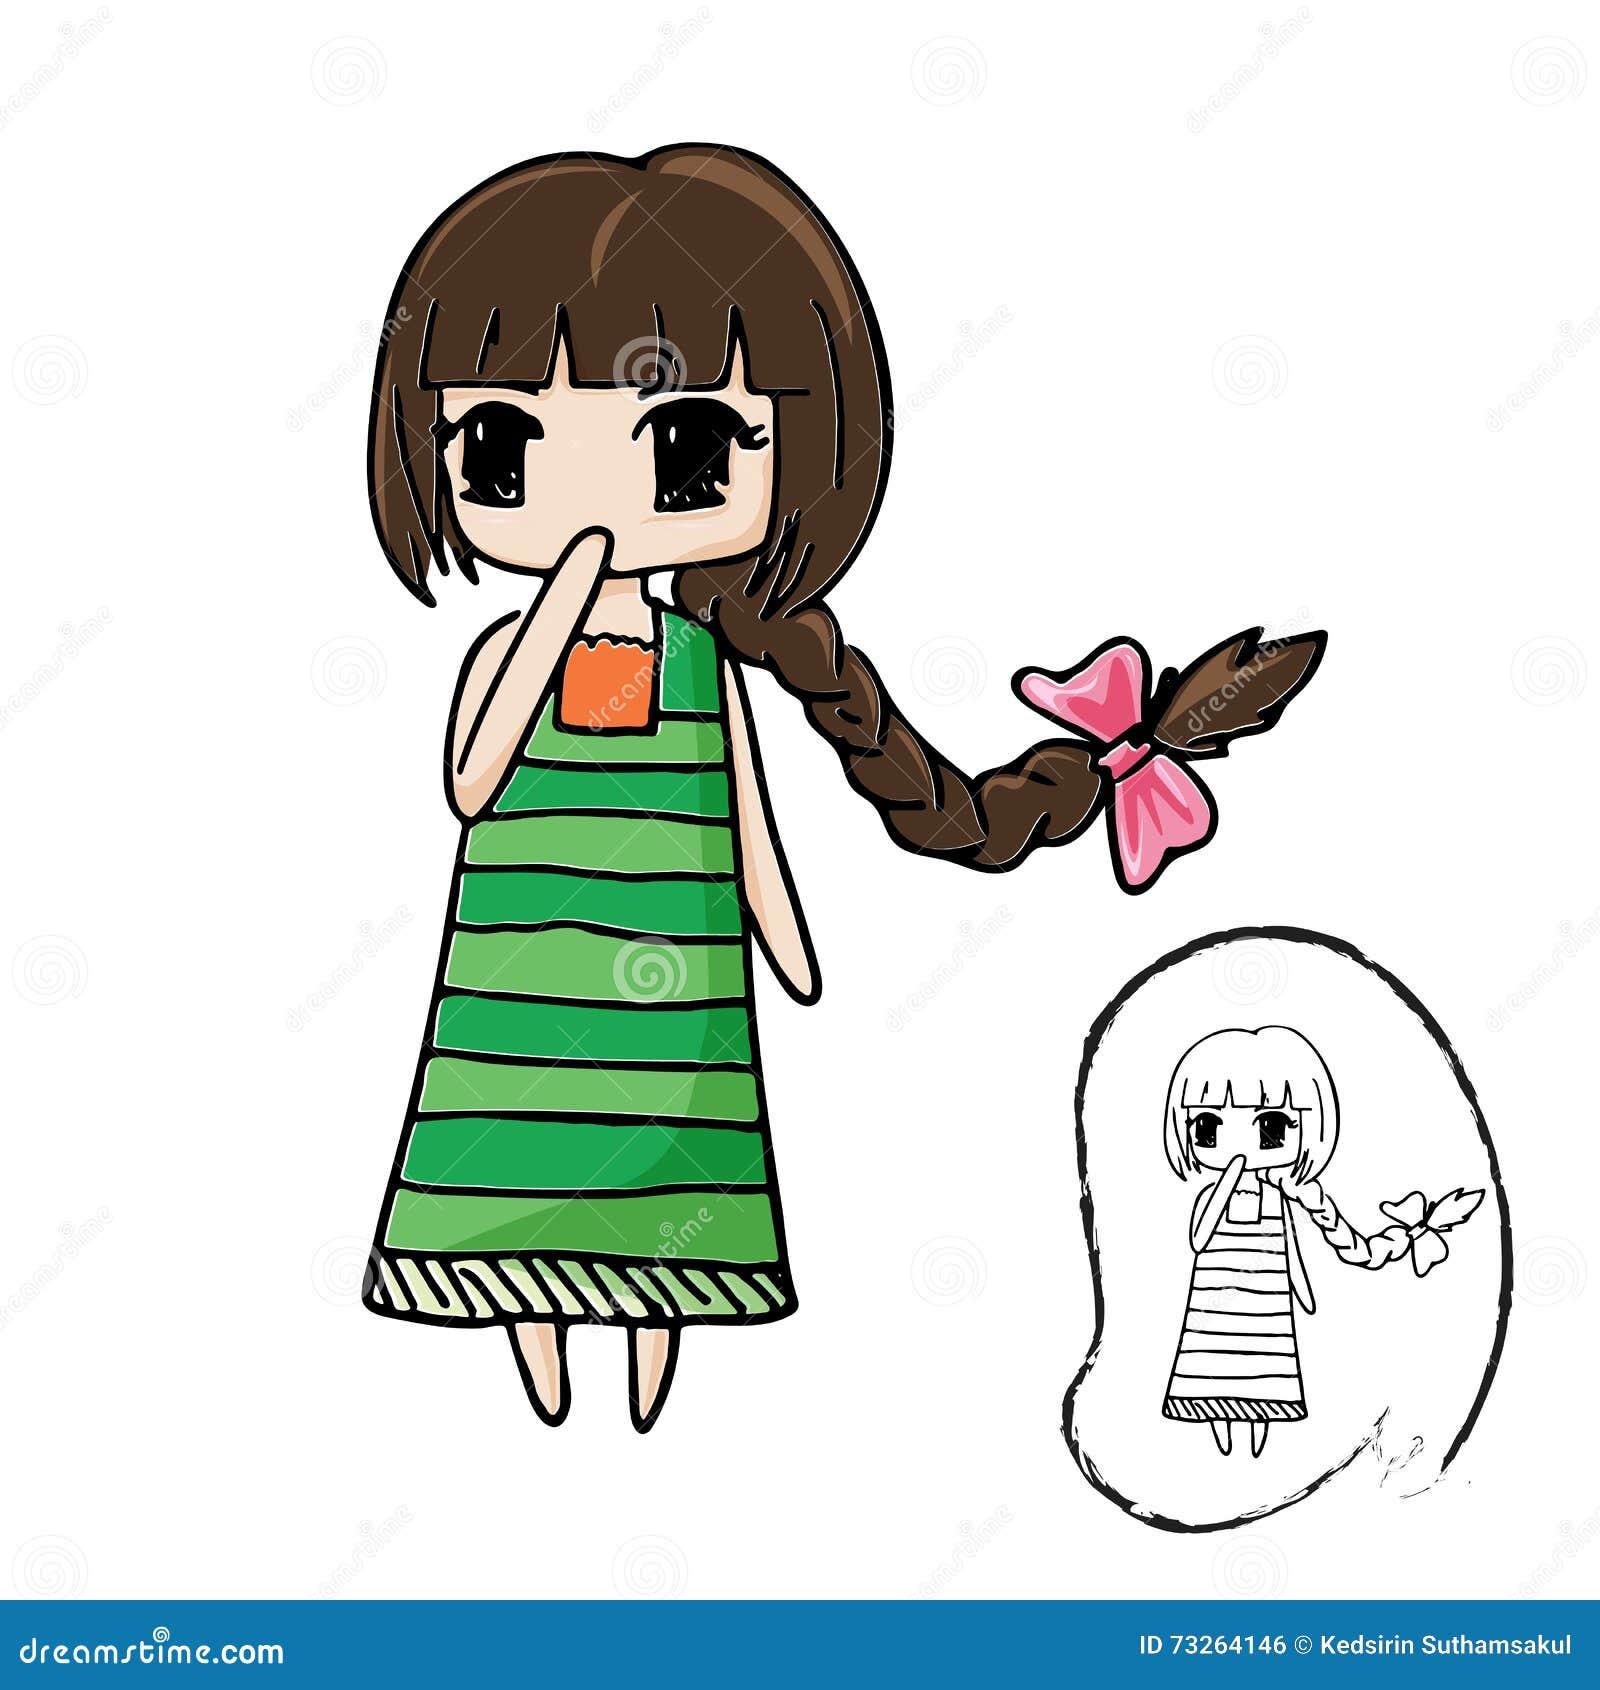 Personnage De Dessin Anime Mignon De Fille Avec Dessin Au Trait Noir